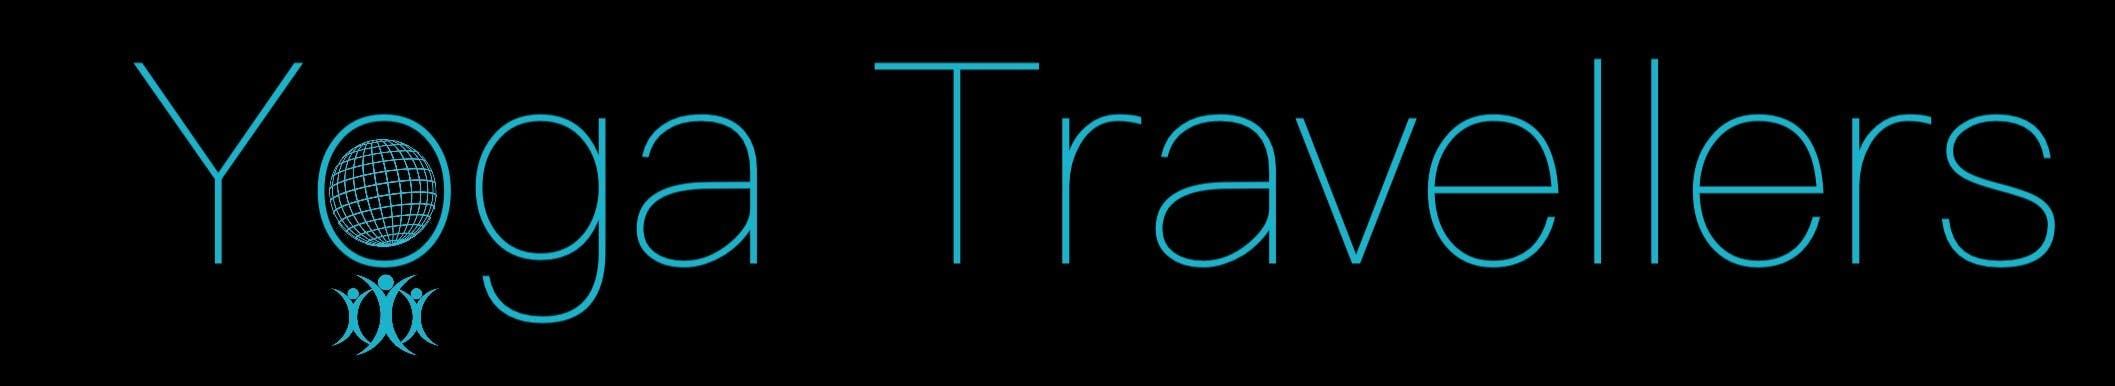 Kilpailutyö #40 kilpailussa Yoga Travellers Logo design